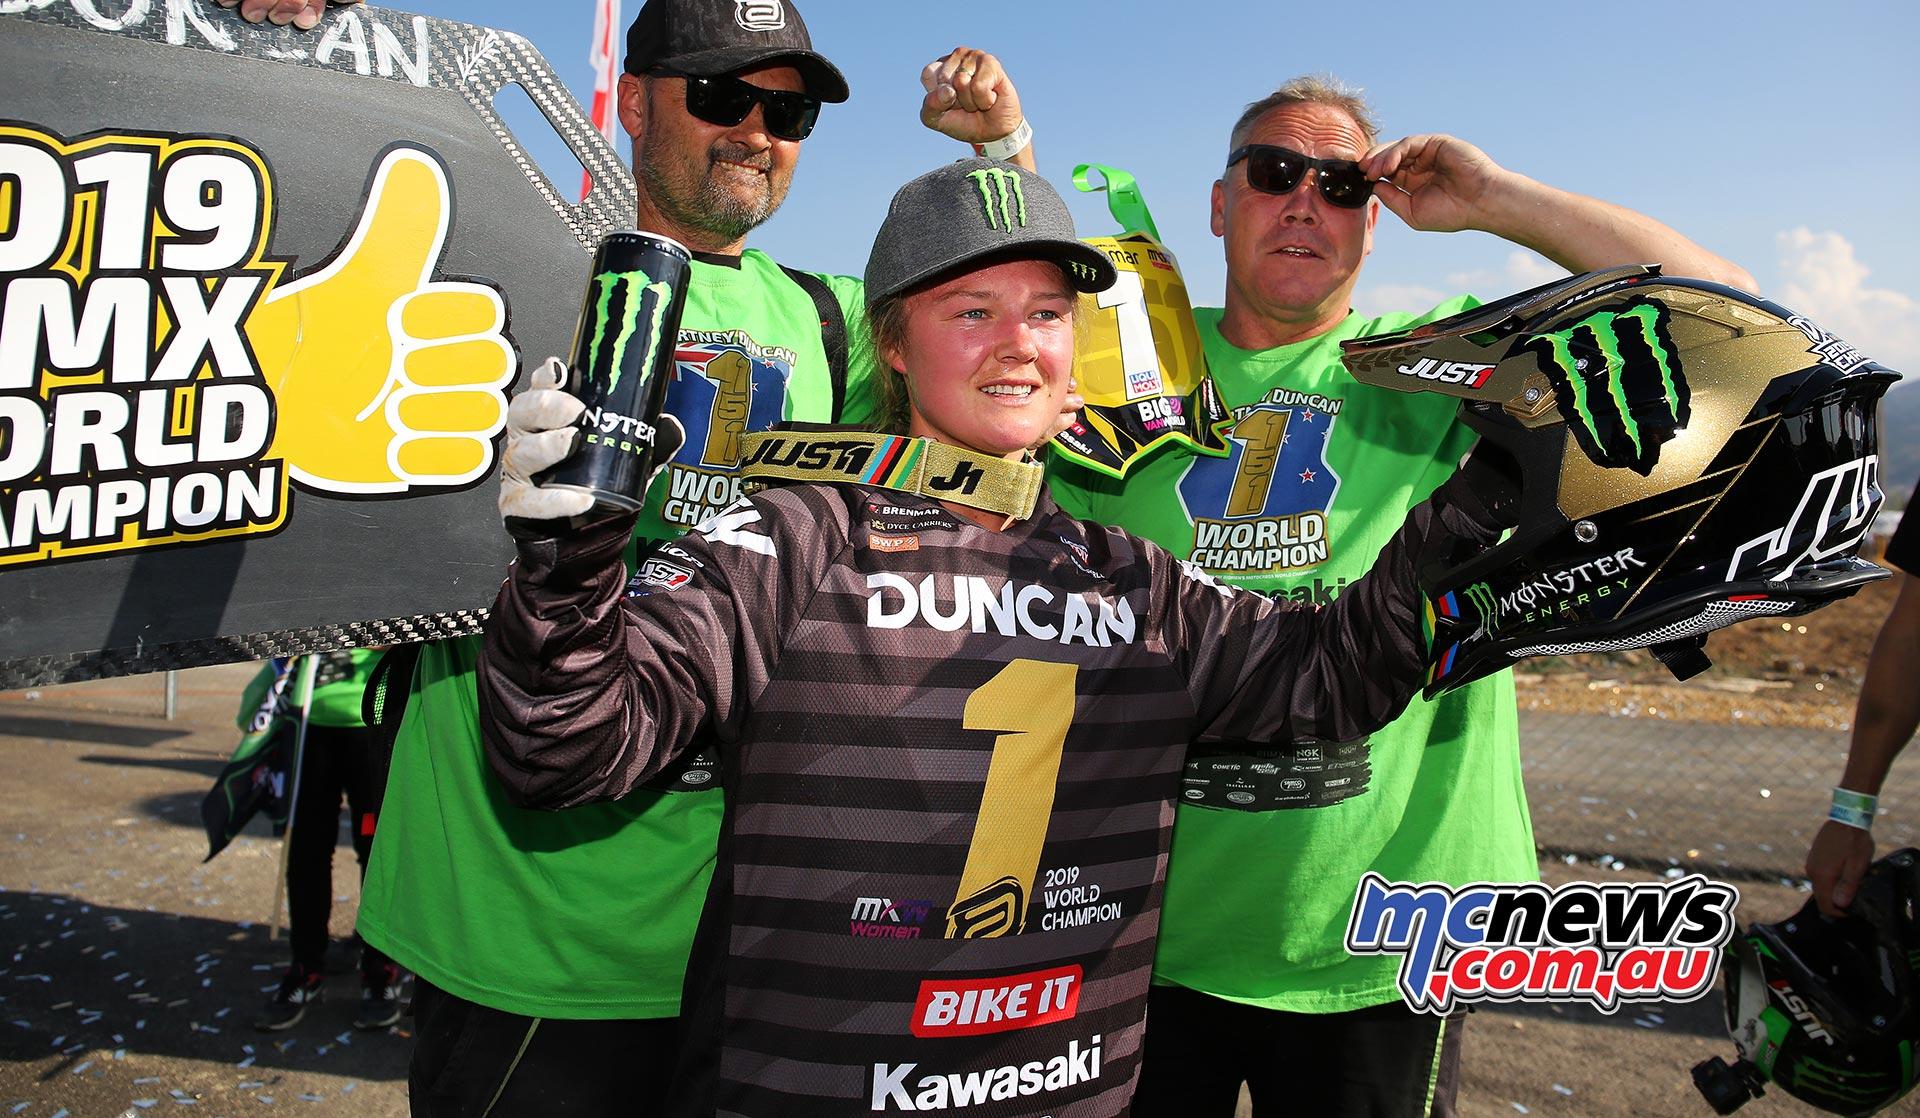 Courtney Duncan WMX Champ